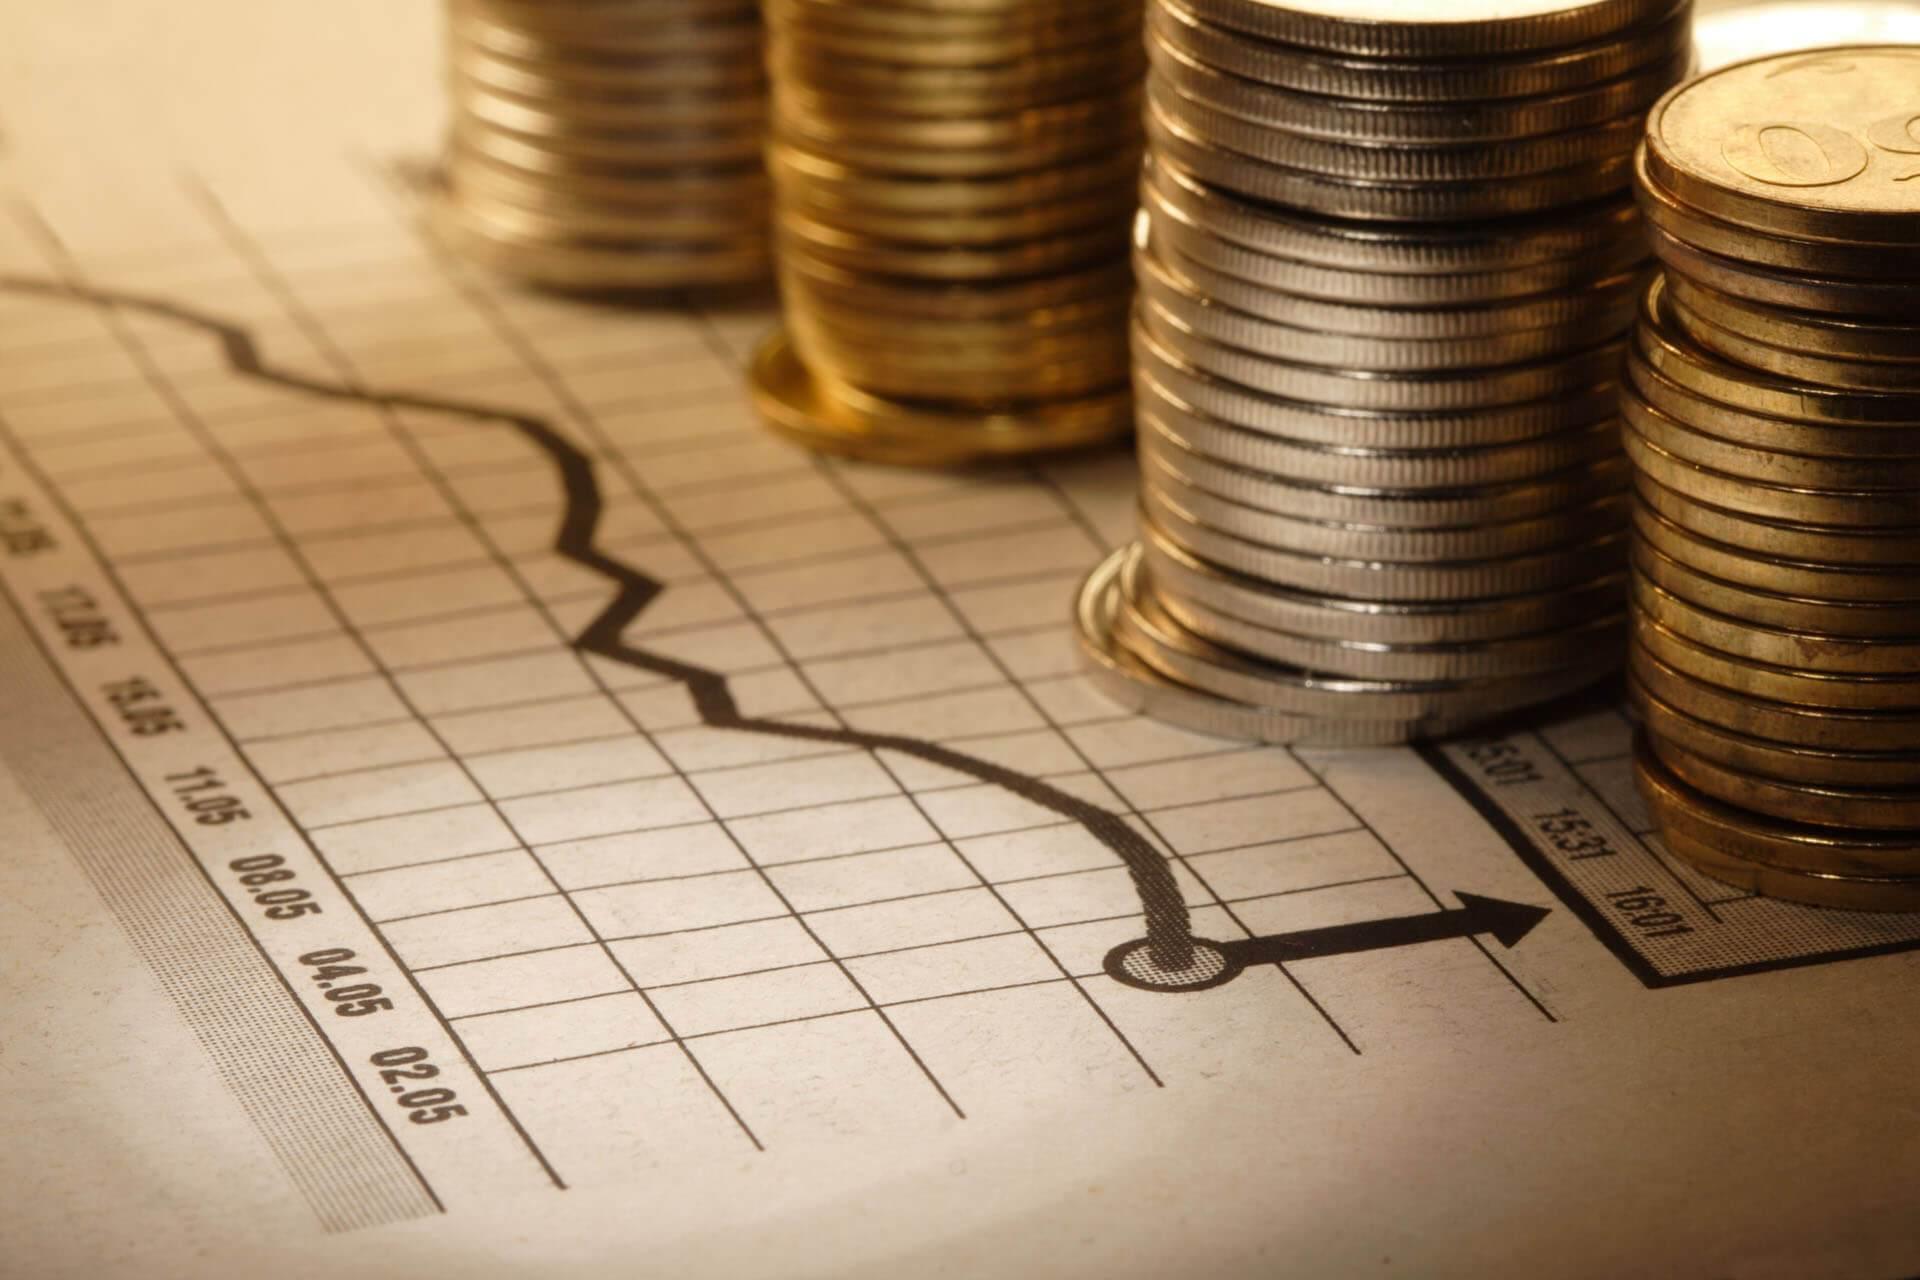 Об инвестиционной деятельности в Волгодонском районе сообщает начальник отдела социально-экономического развития